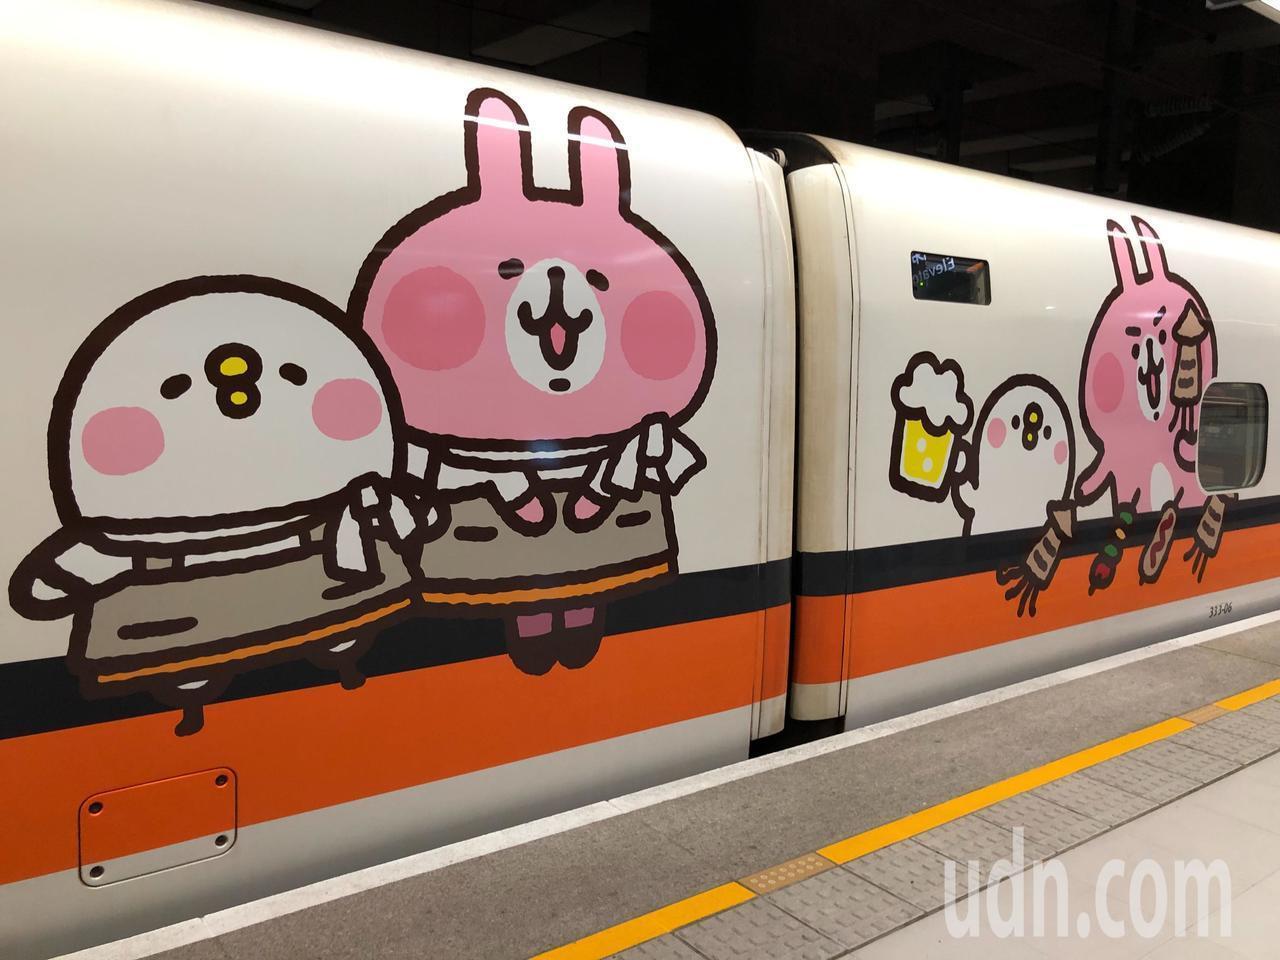 卡娜赫拉的小動物彩繪列車每節車廂都有不同意境。圖/本報系資料照